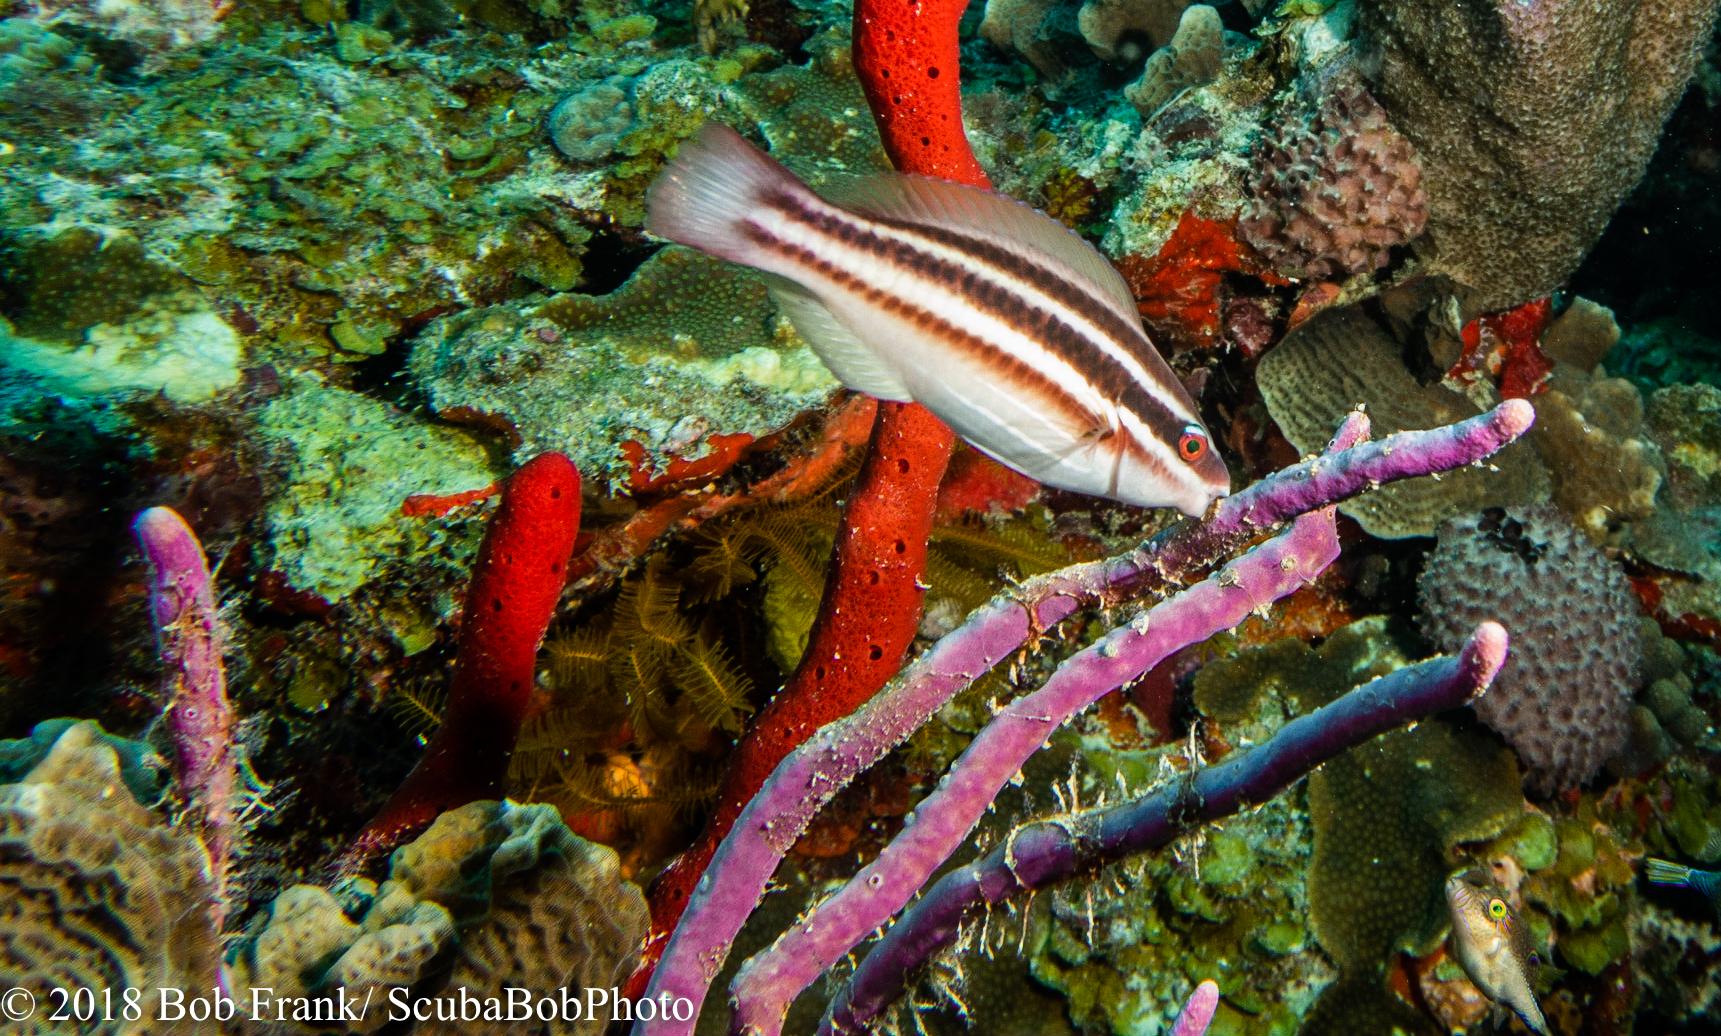 Juvenile Striped Parrotfish